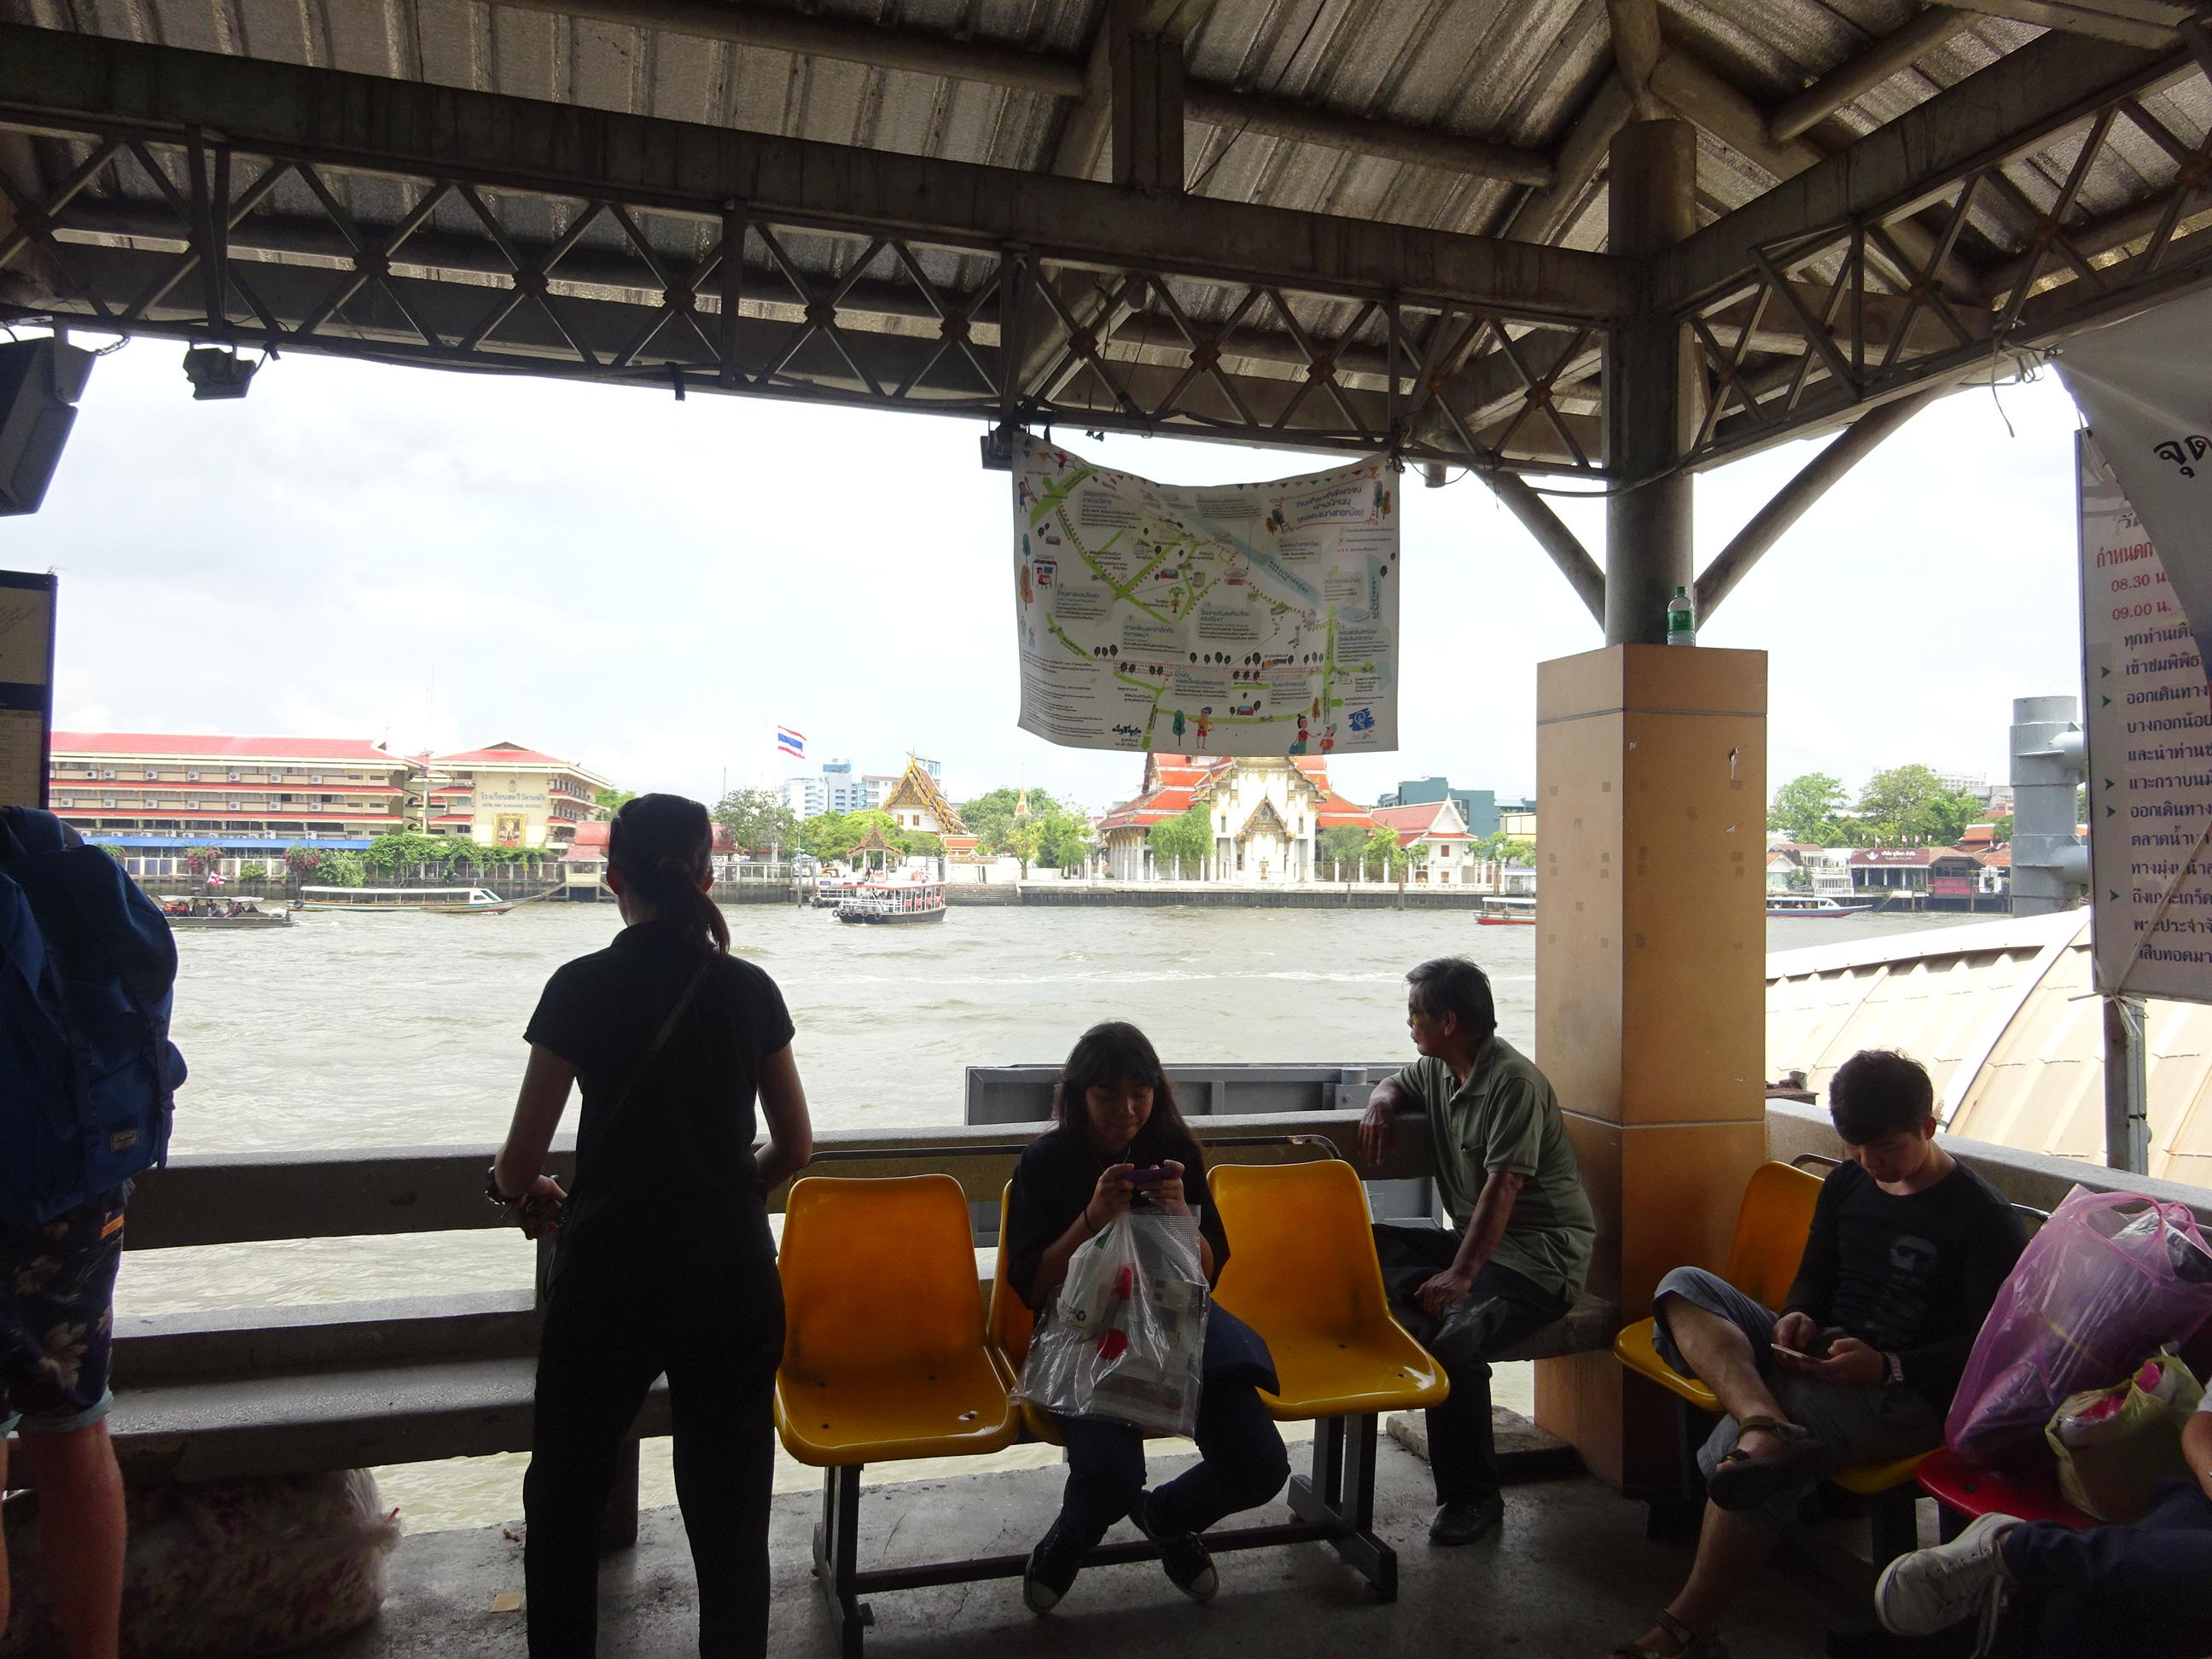 バンコクの水上バス乗り場の風景